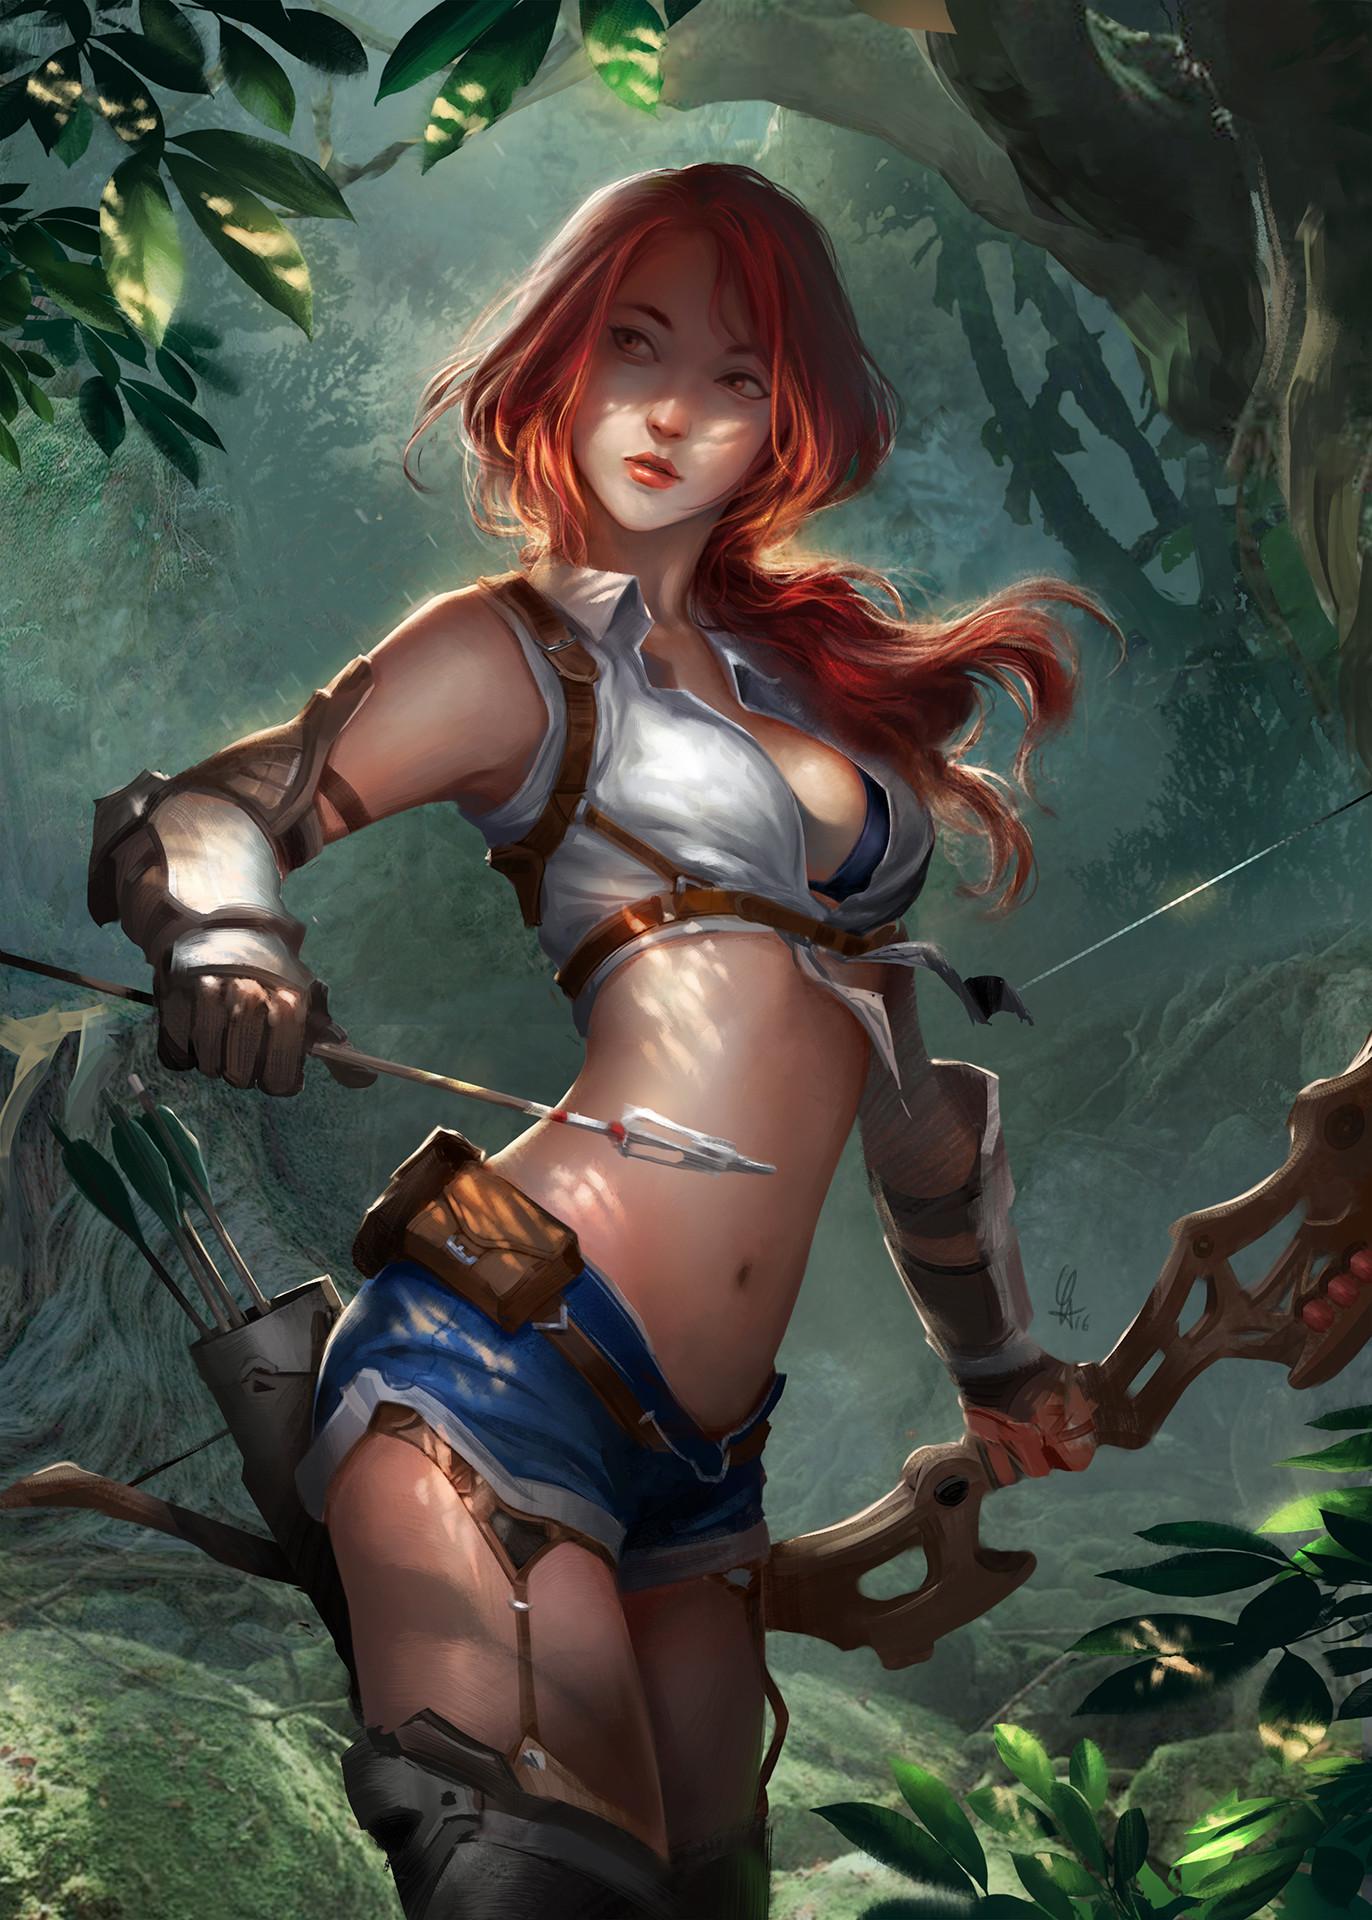 Haired Red Girl Deviantart Elf